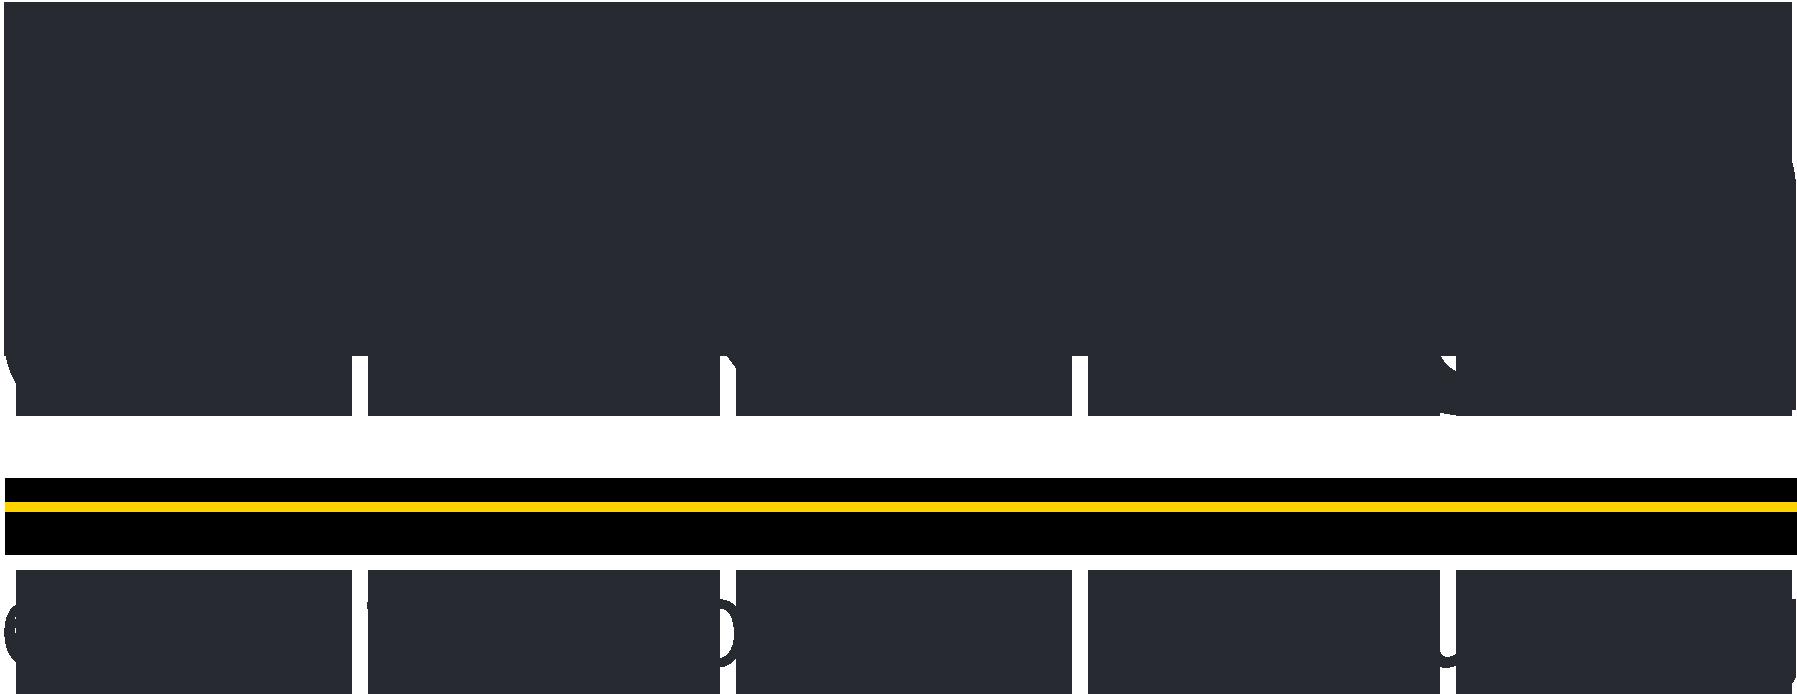 Europe - Biotech Companies - Careers Page